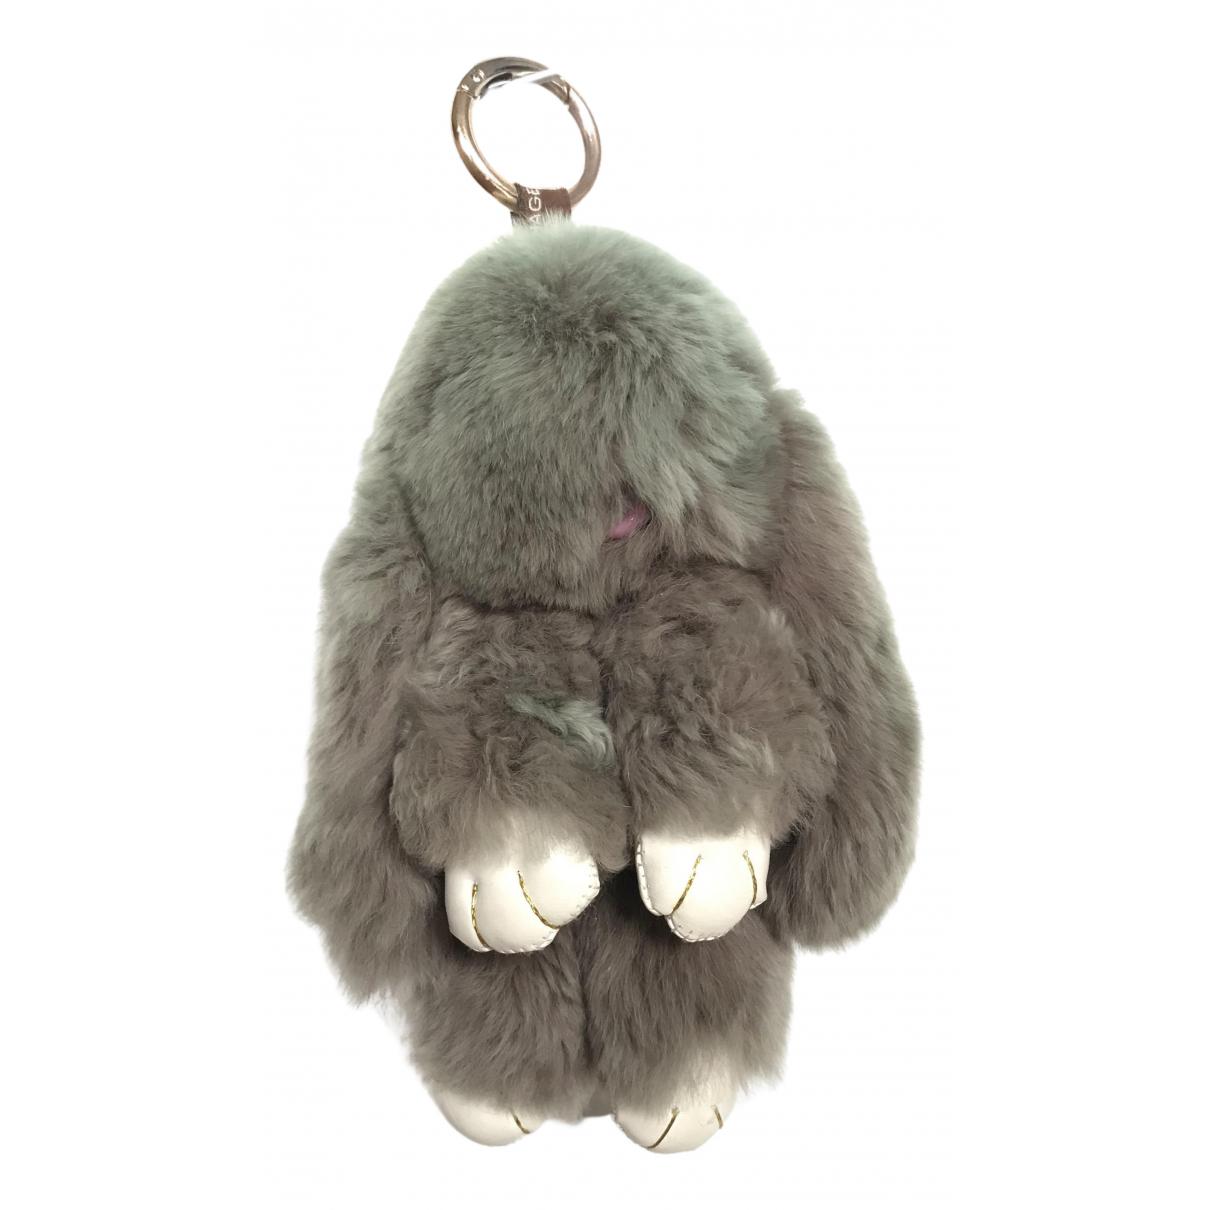 Kopenhagen Fur \N Taschenschmuck in  Grau Kaninchen